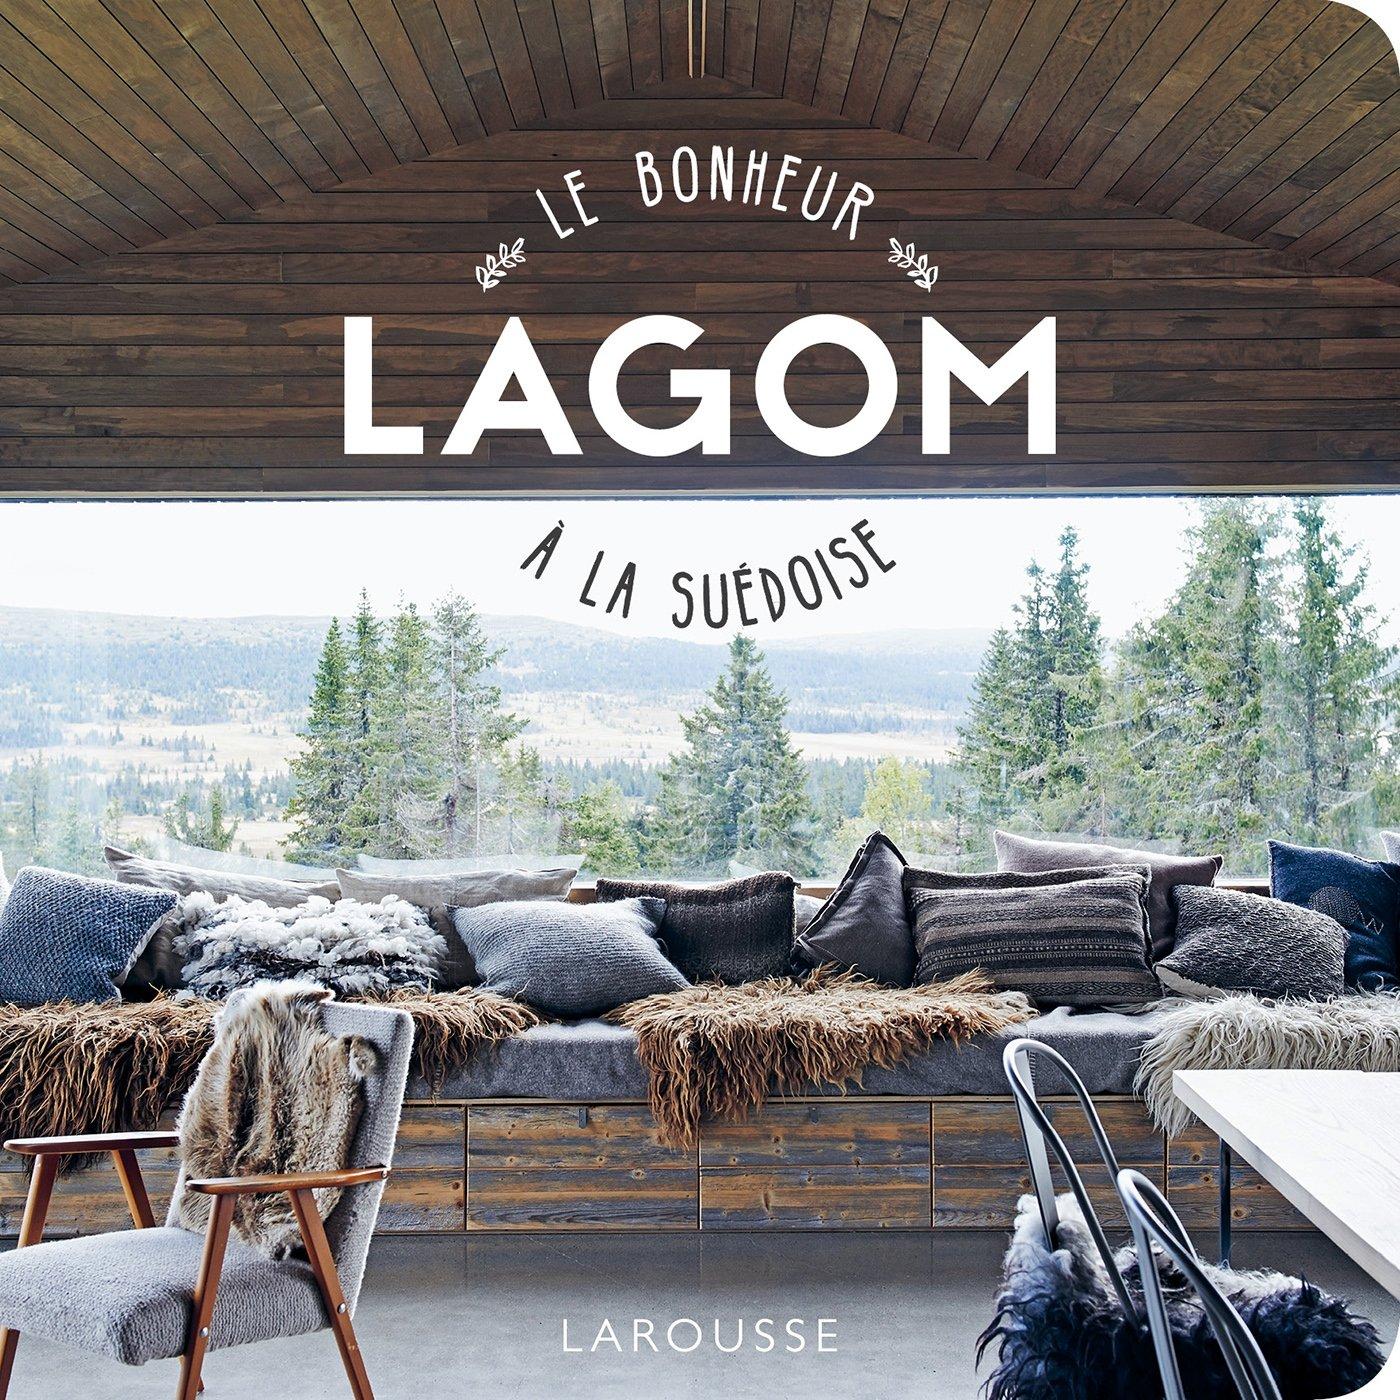 Lagom, le bonheur à la suédoise Broché – 14 février 2018 Elisabeth Carlsson Larousse 203595309X Psychologie